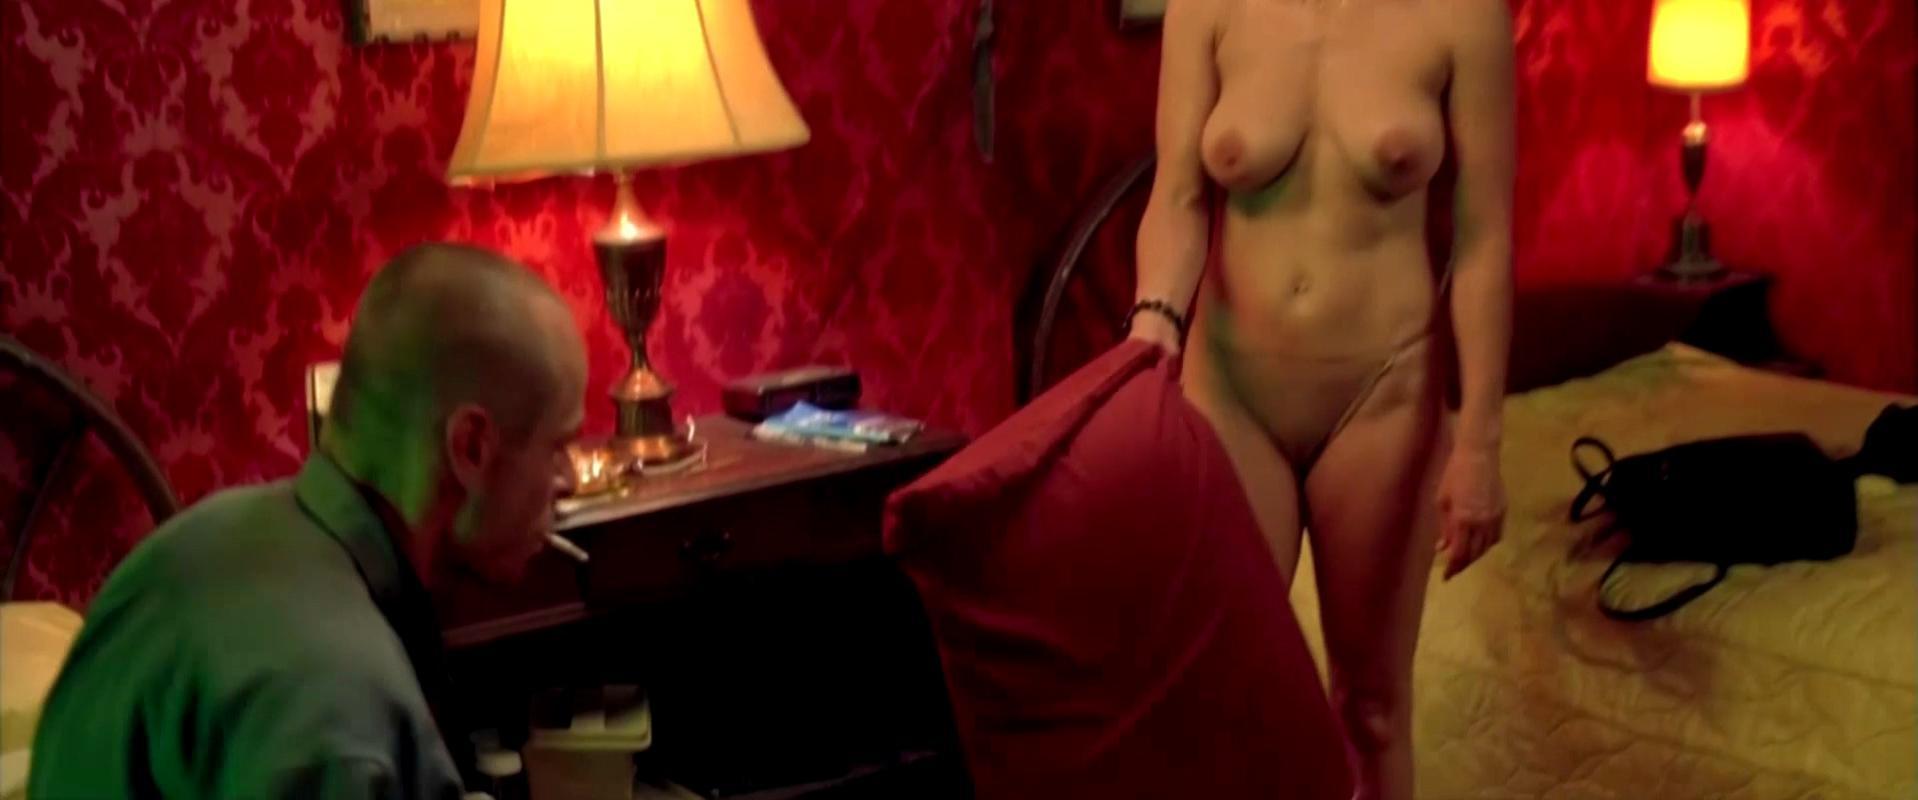 Noelle Evans nude - 15 Minutes (2001)